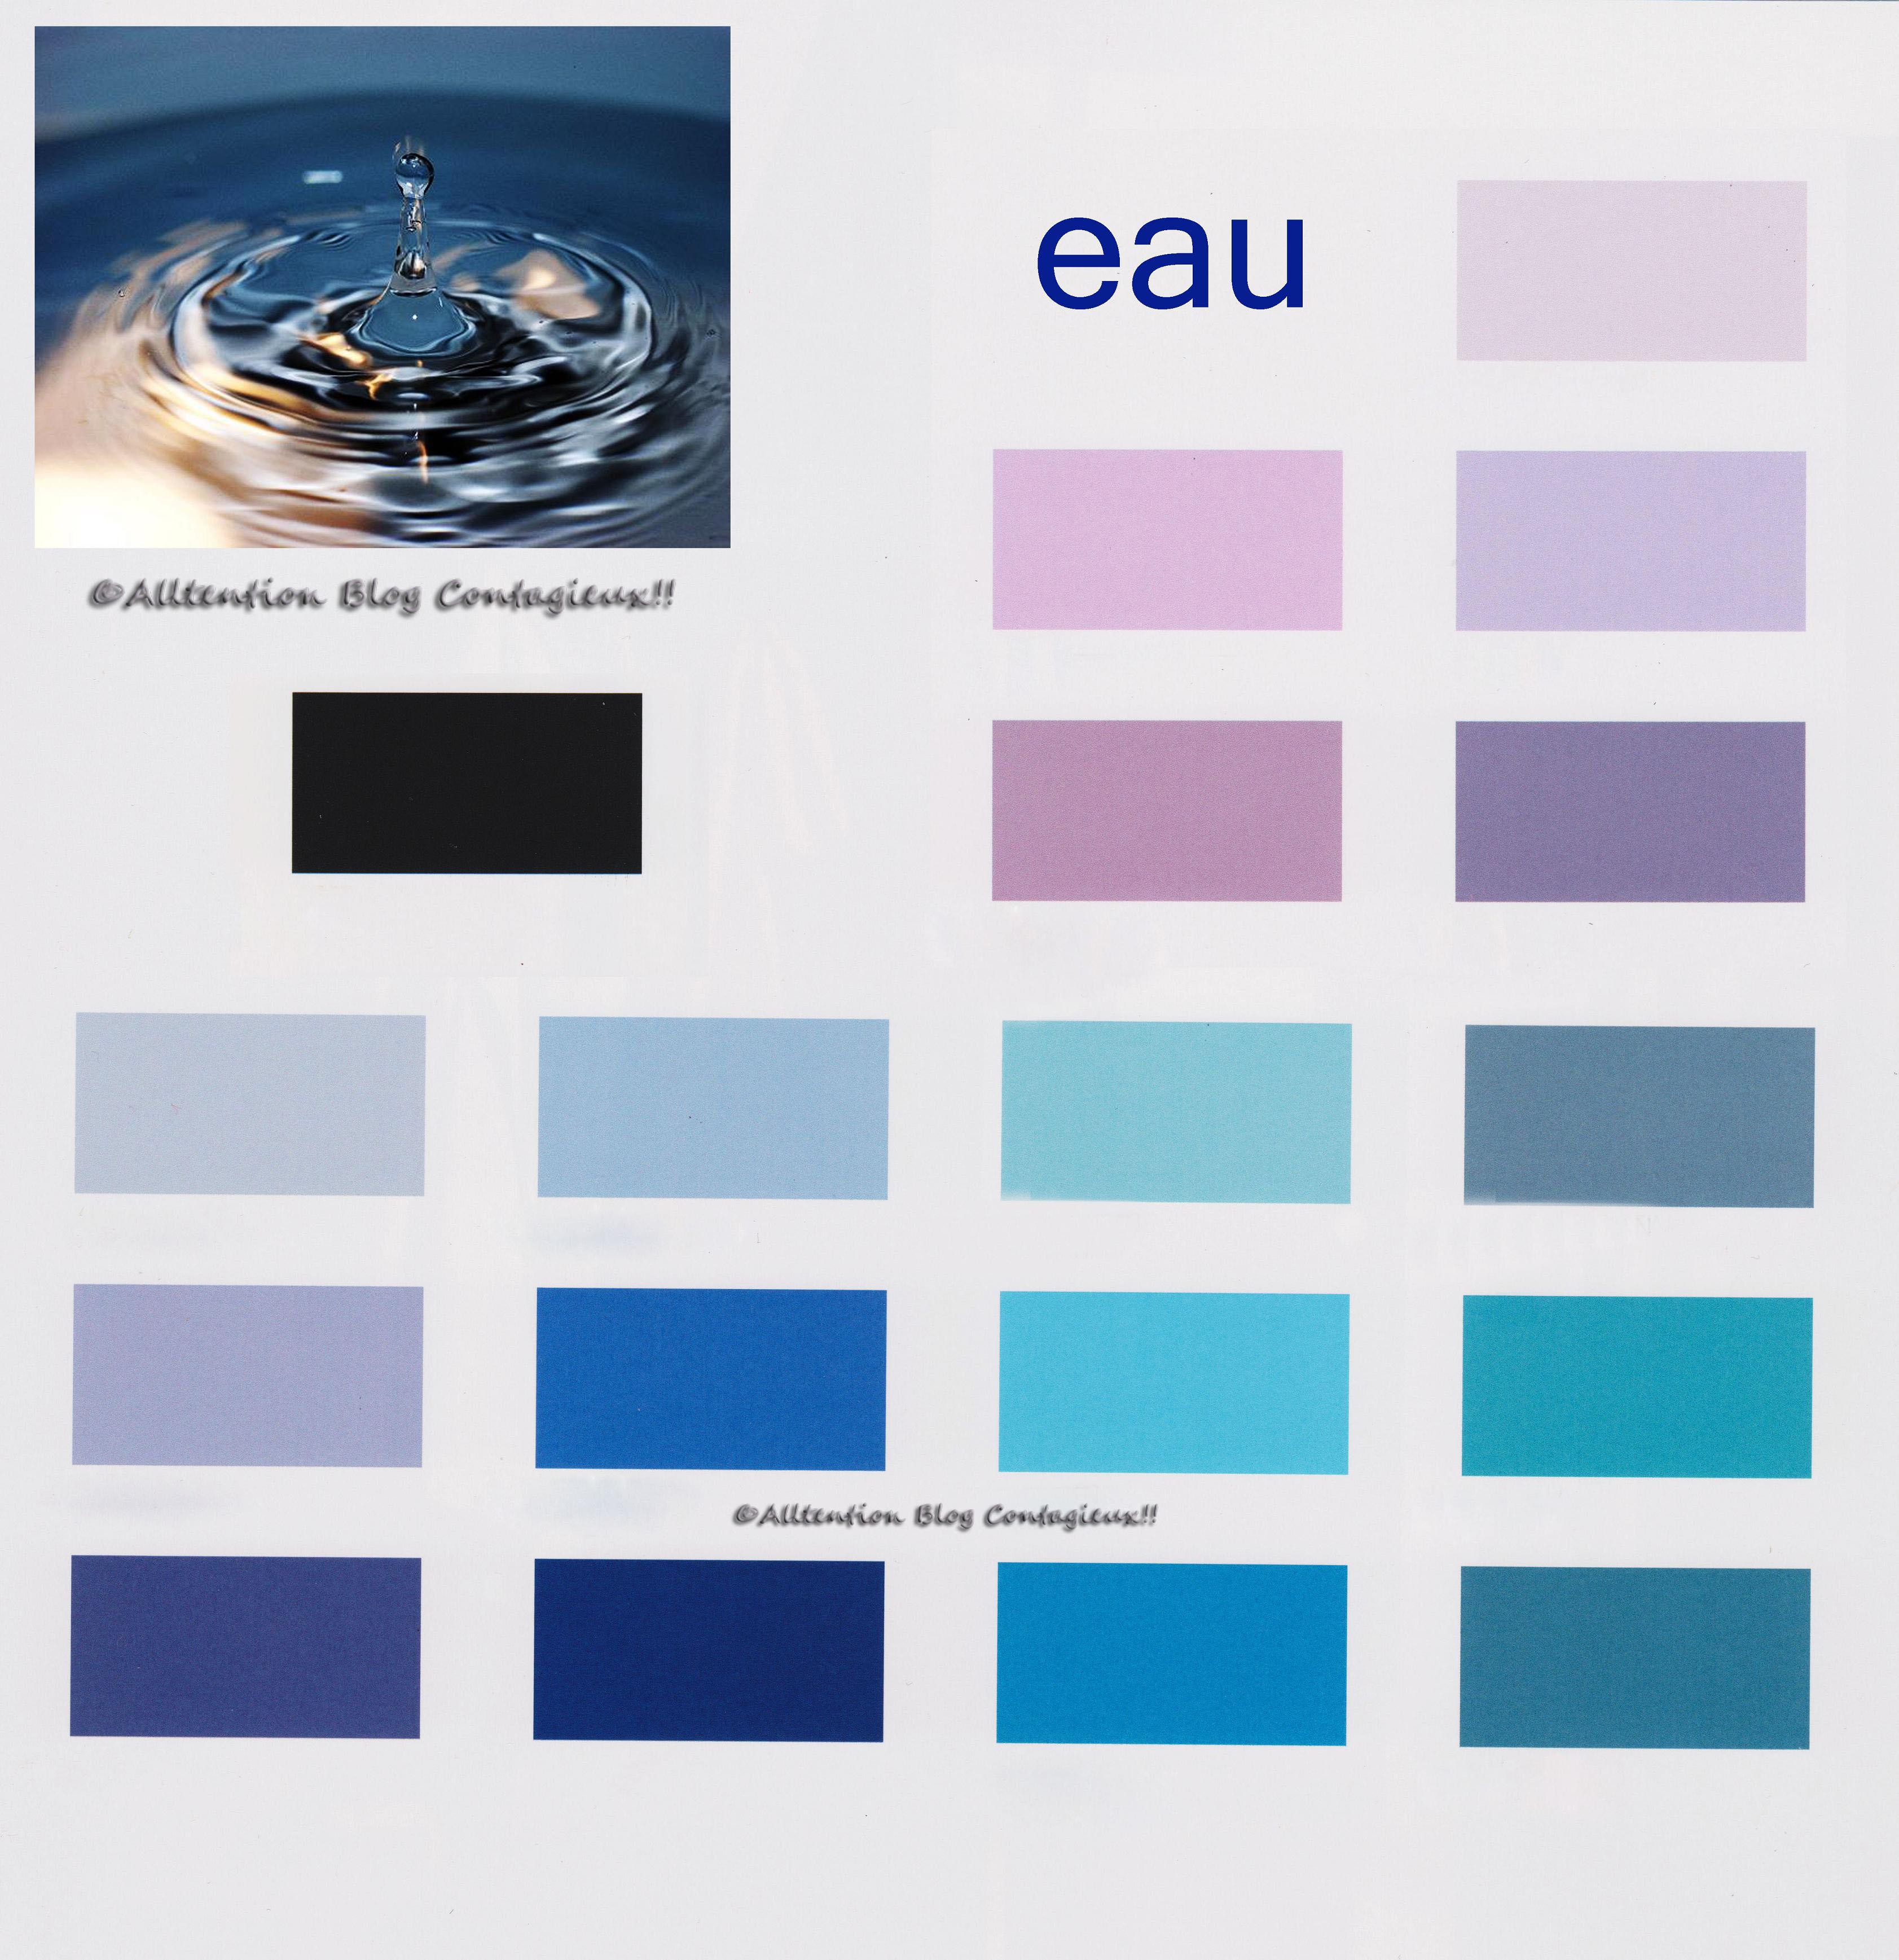 Des secteurs et des couleurs attention blog contagieux for Couleur gris bleu clair